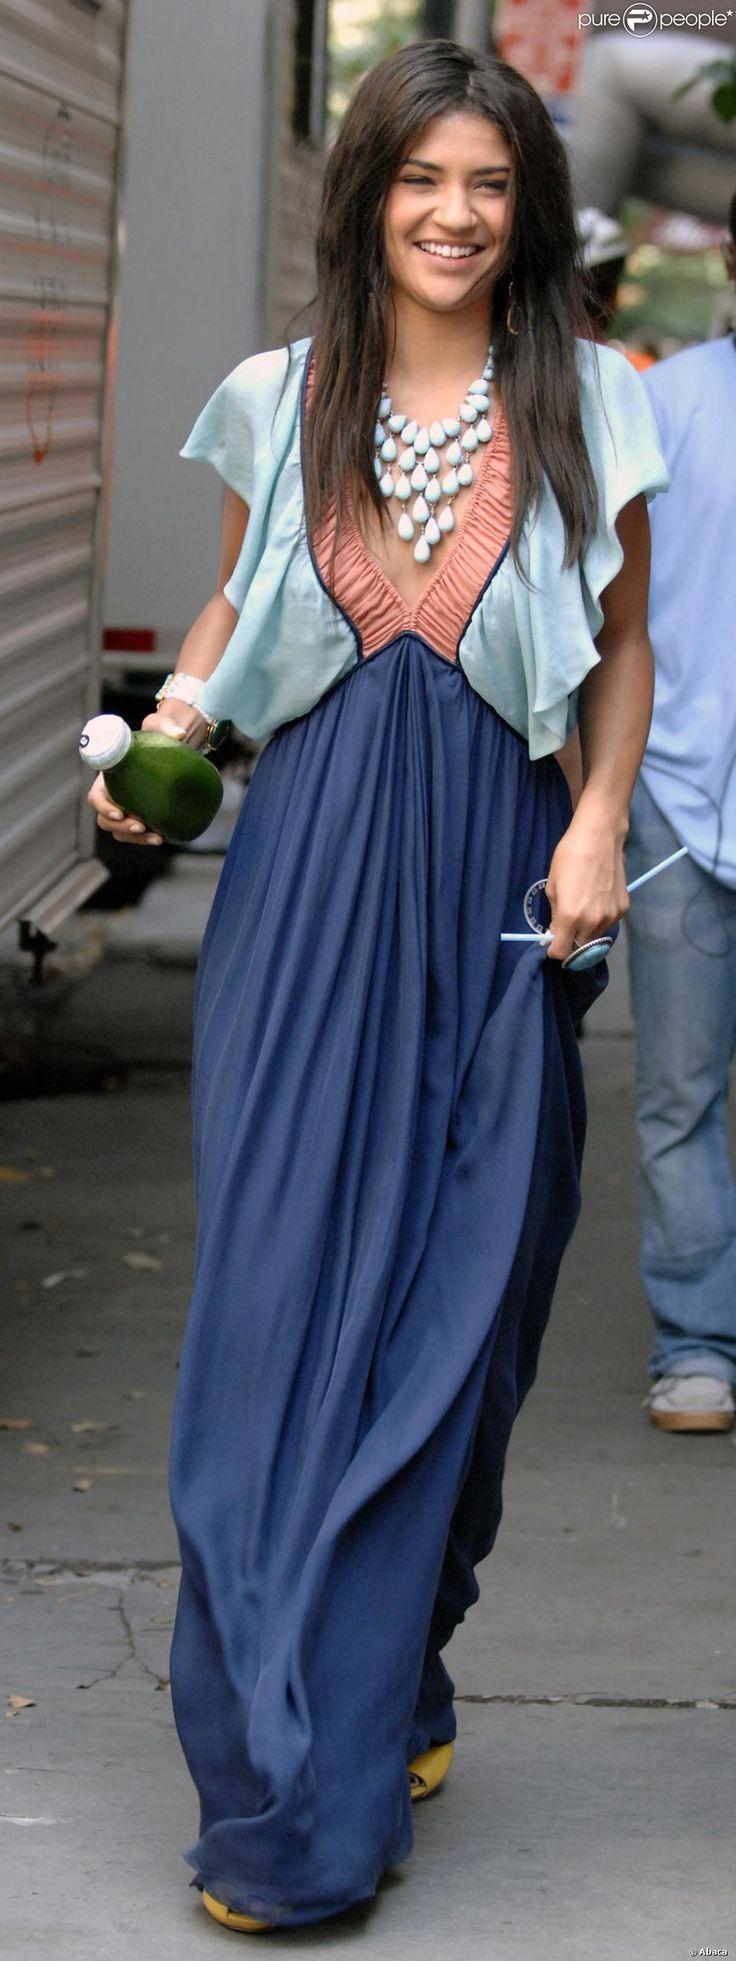 Jessica Szohr sur le tournage de Gossip Girl